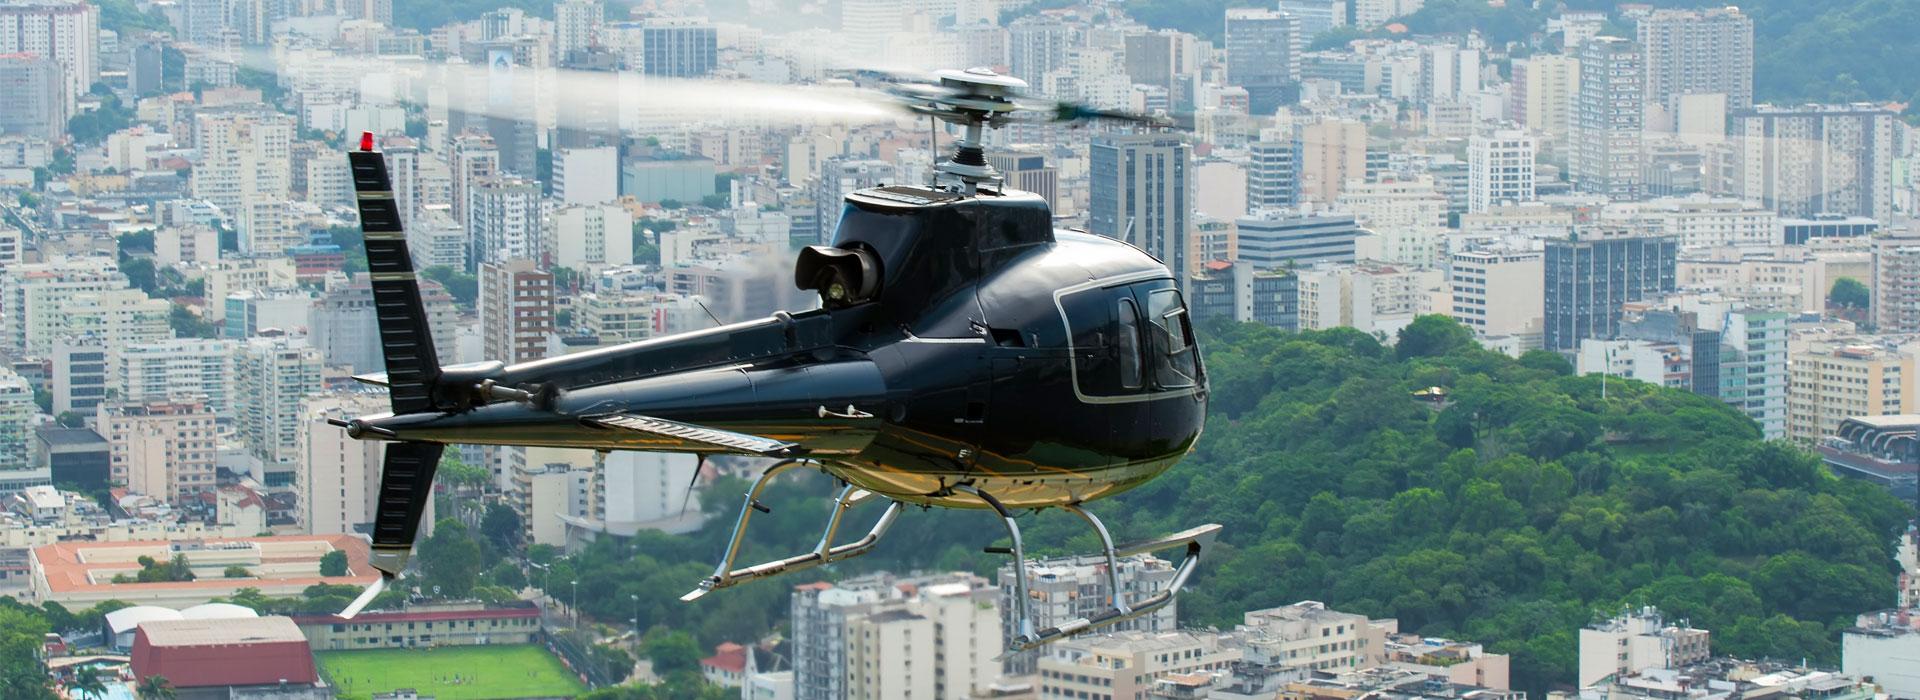 Une escapade en hélicoptère